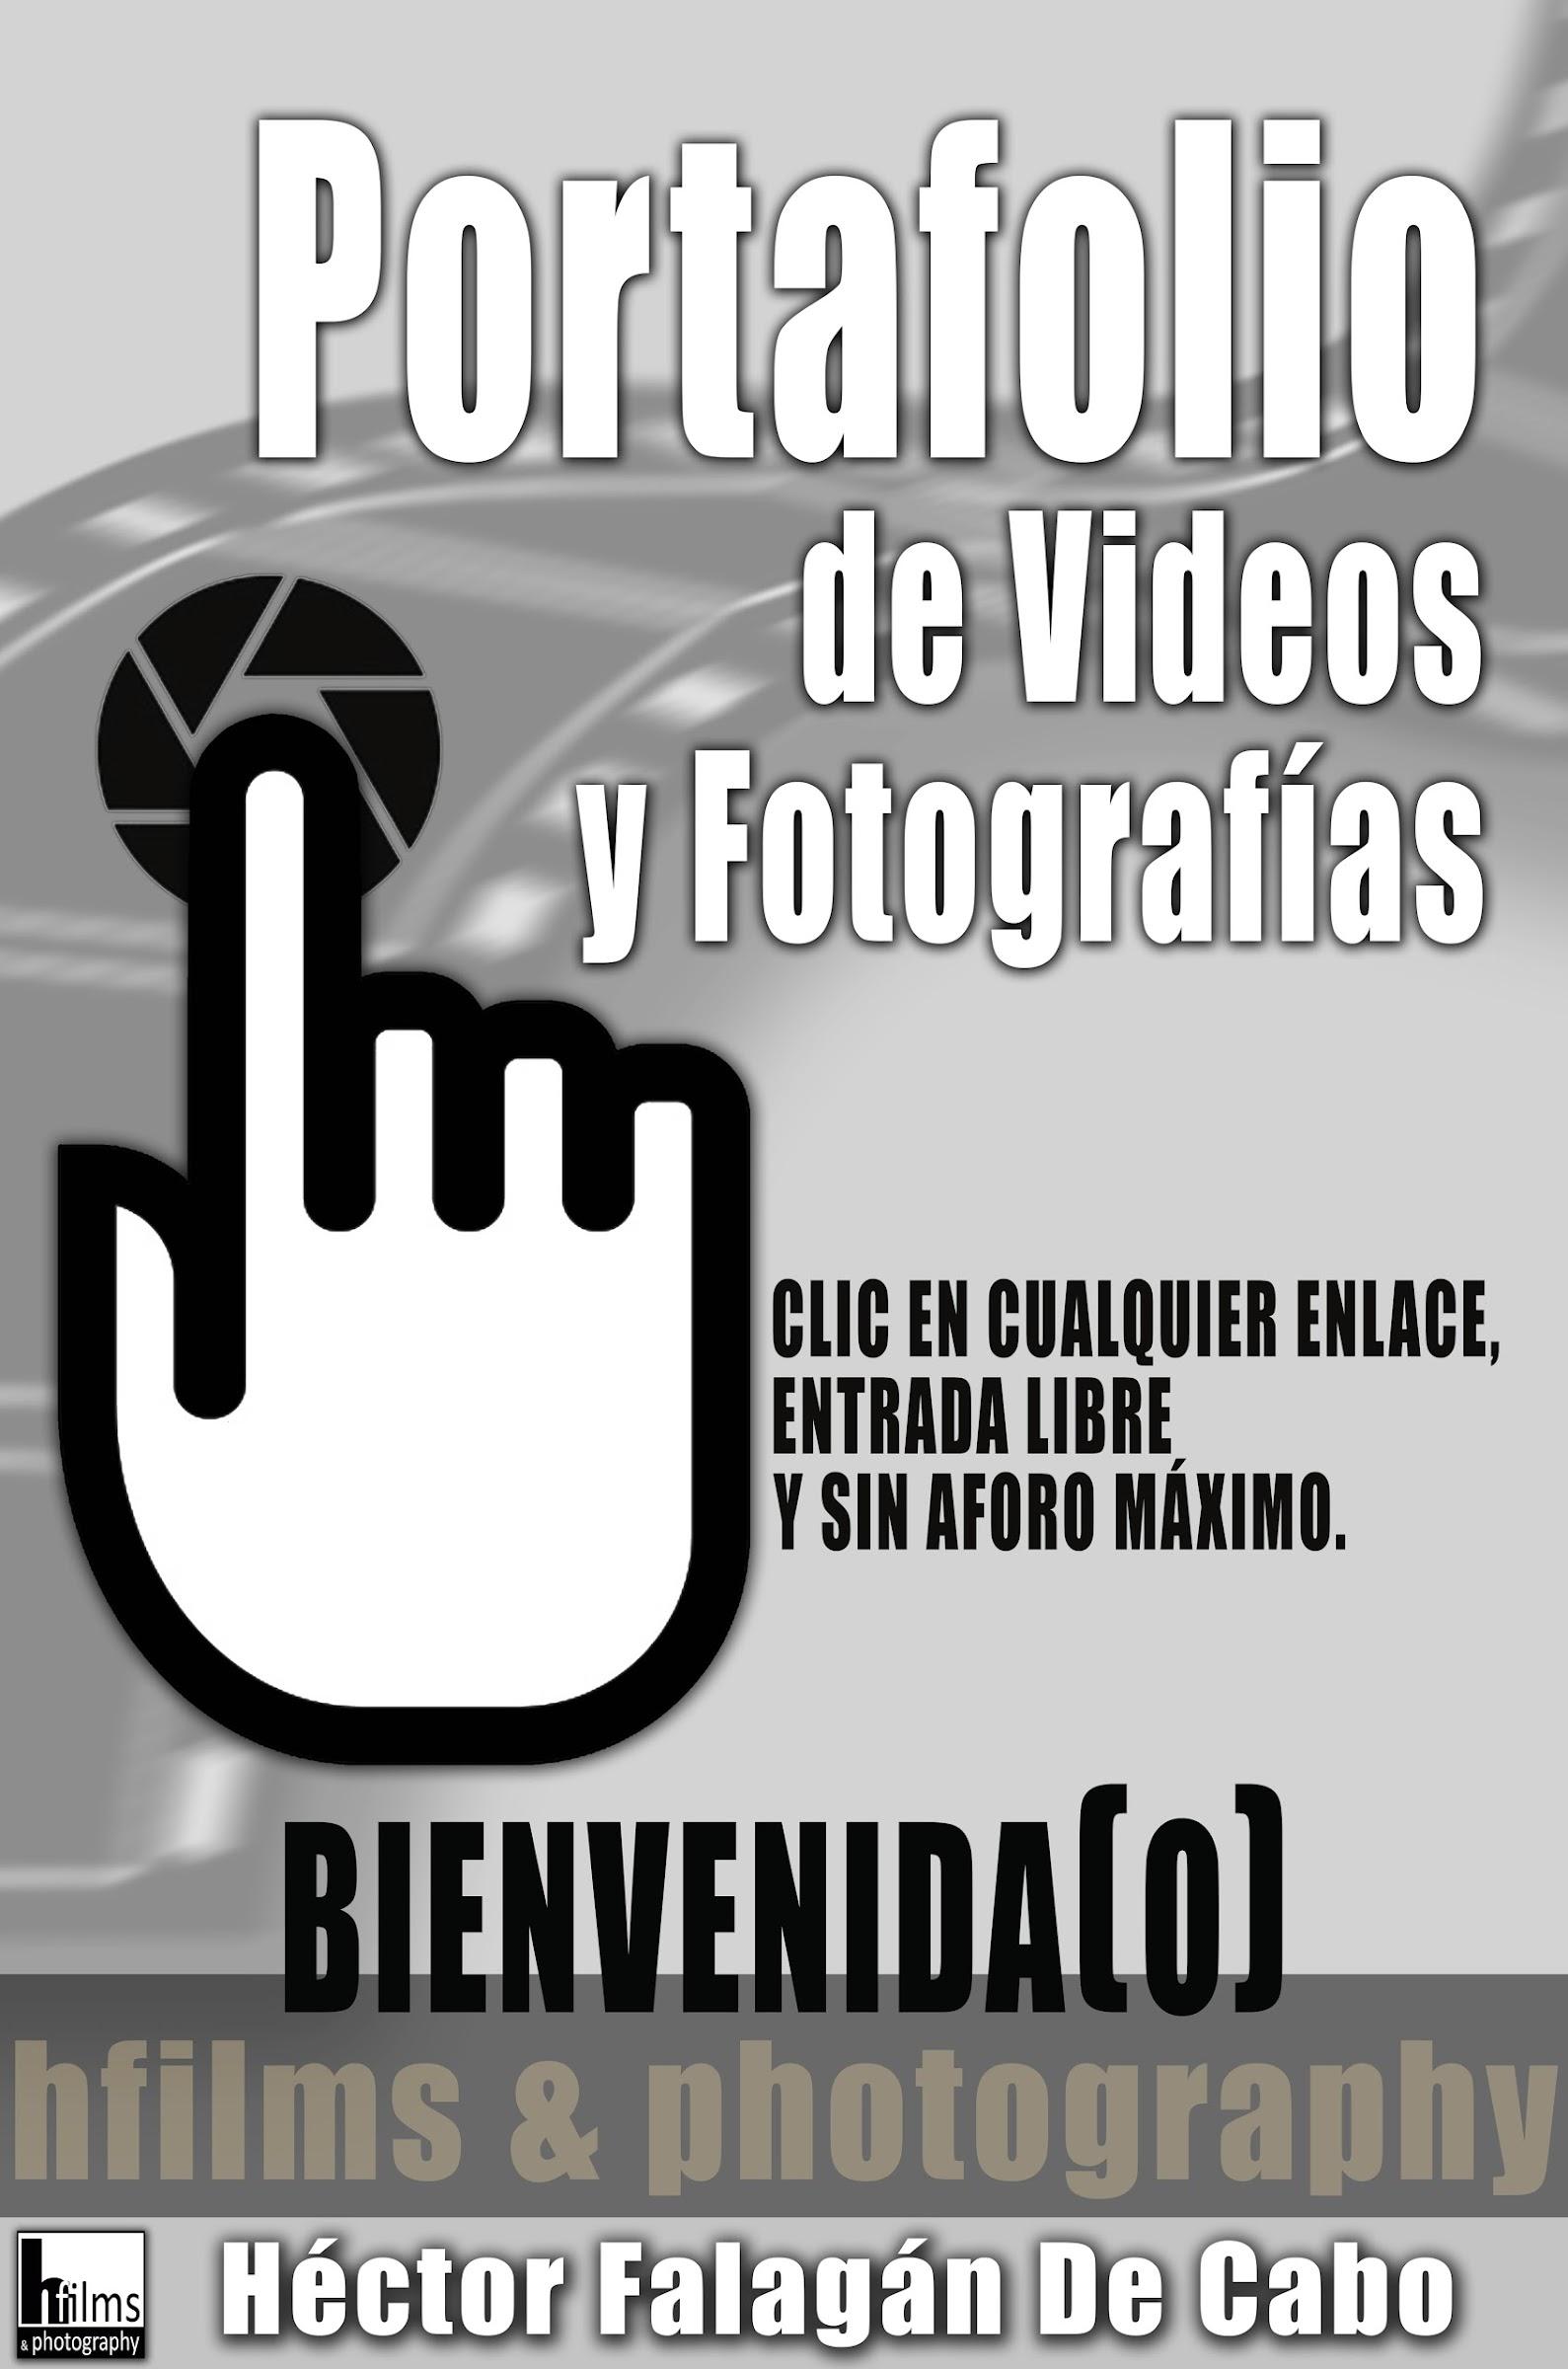 Héctor Falagán De Cabo | hfilms & photography. Portafolio de Fotografías y Videos.